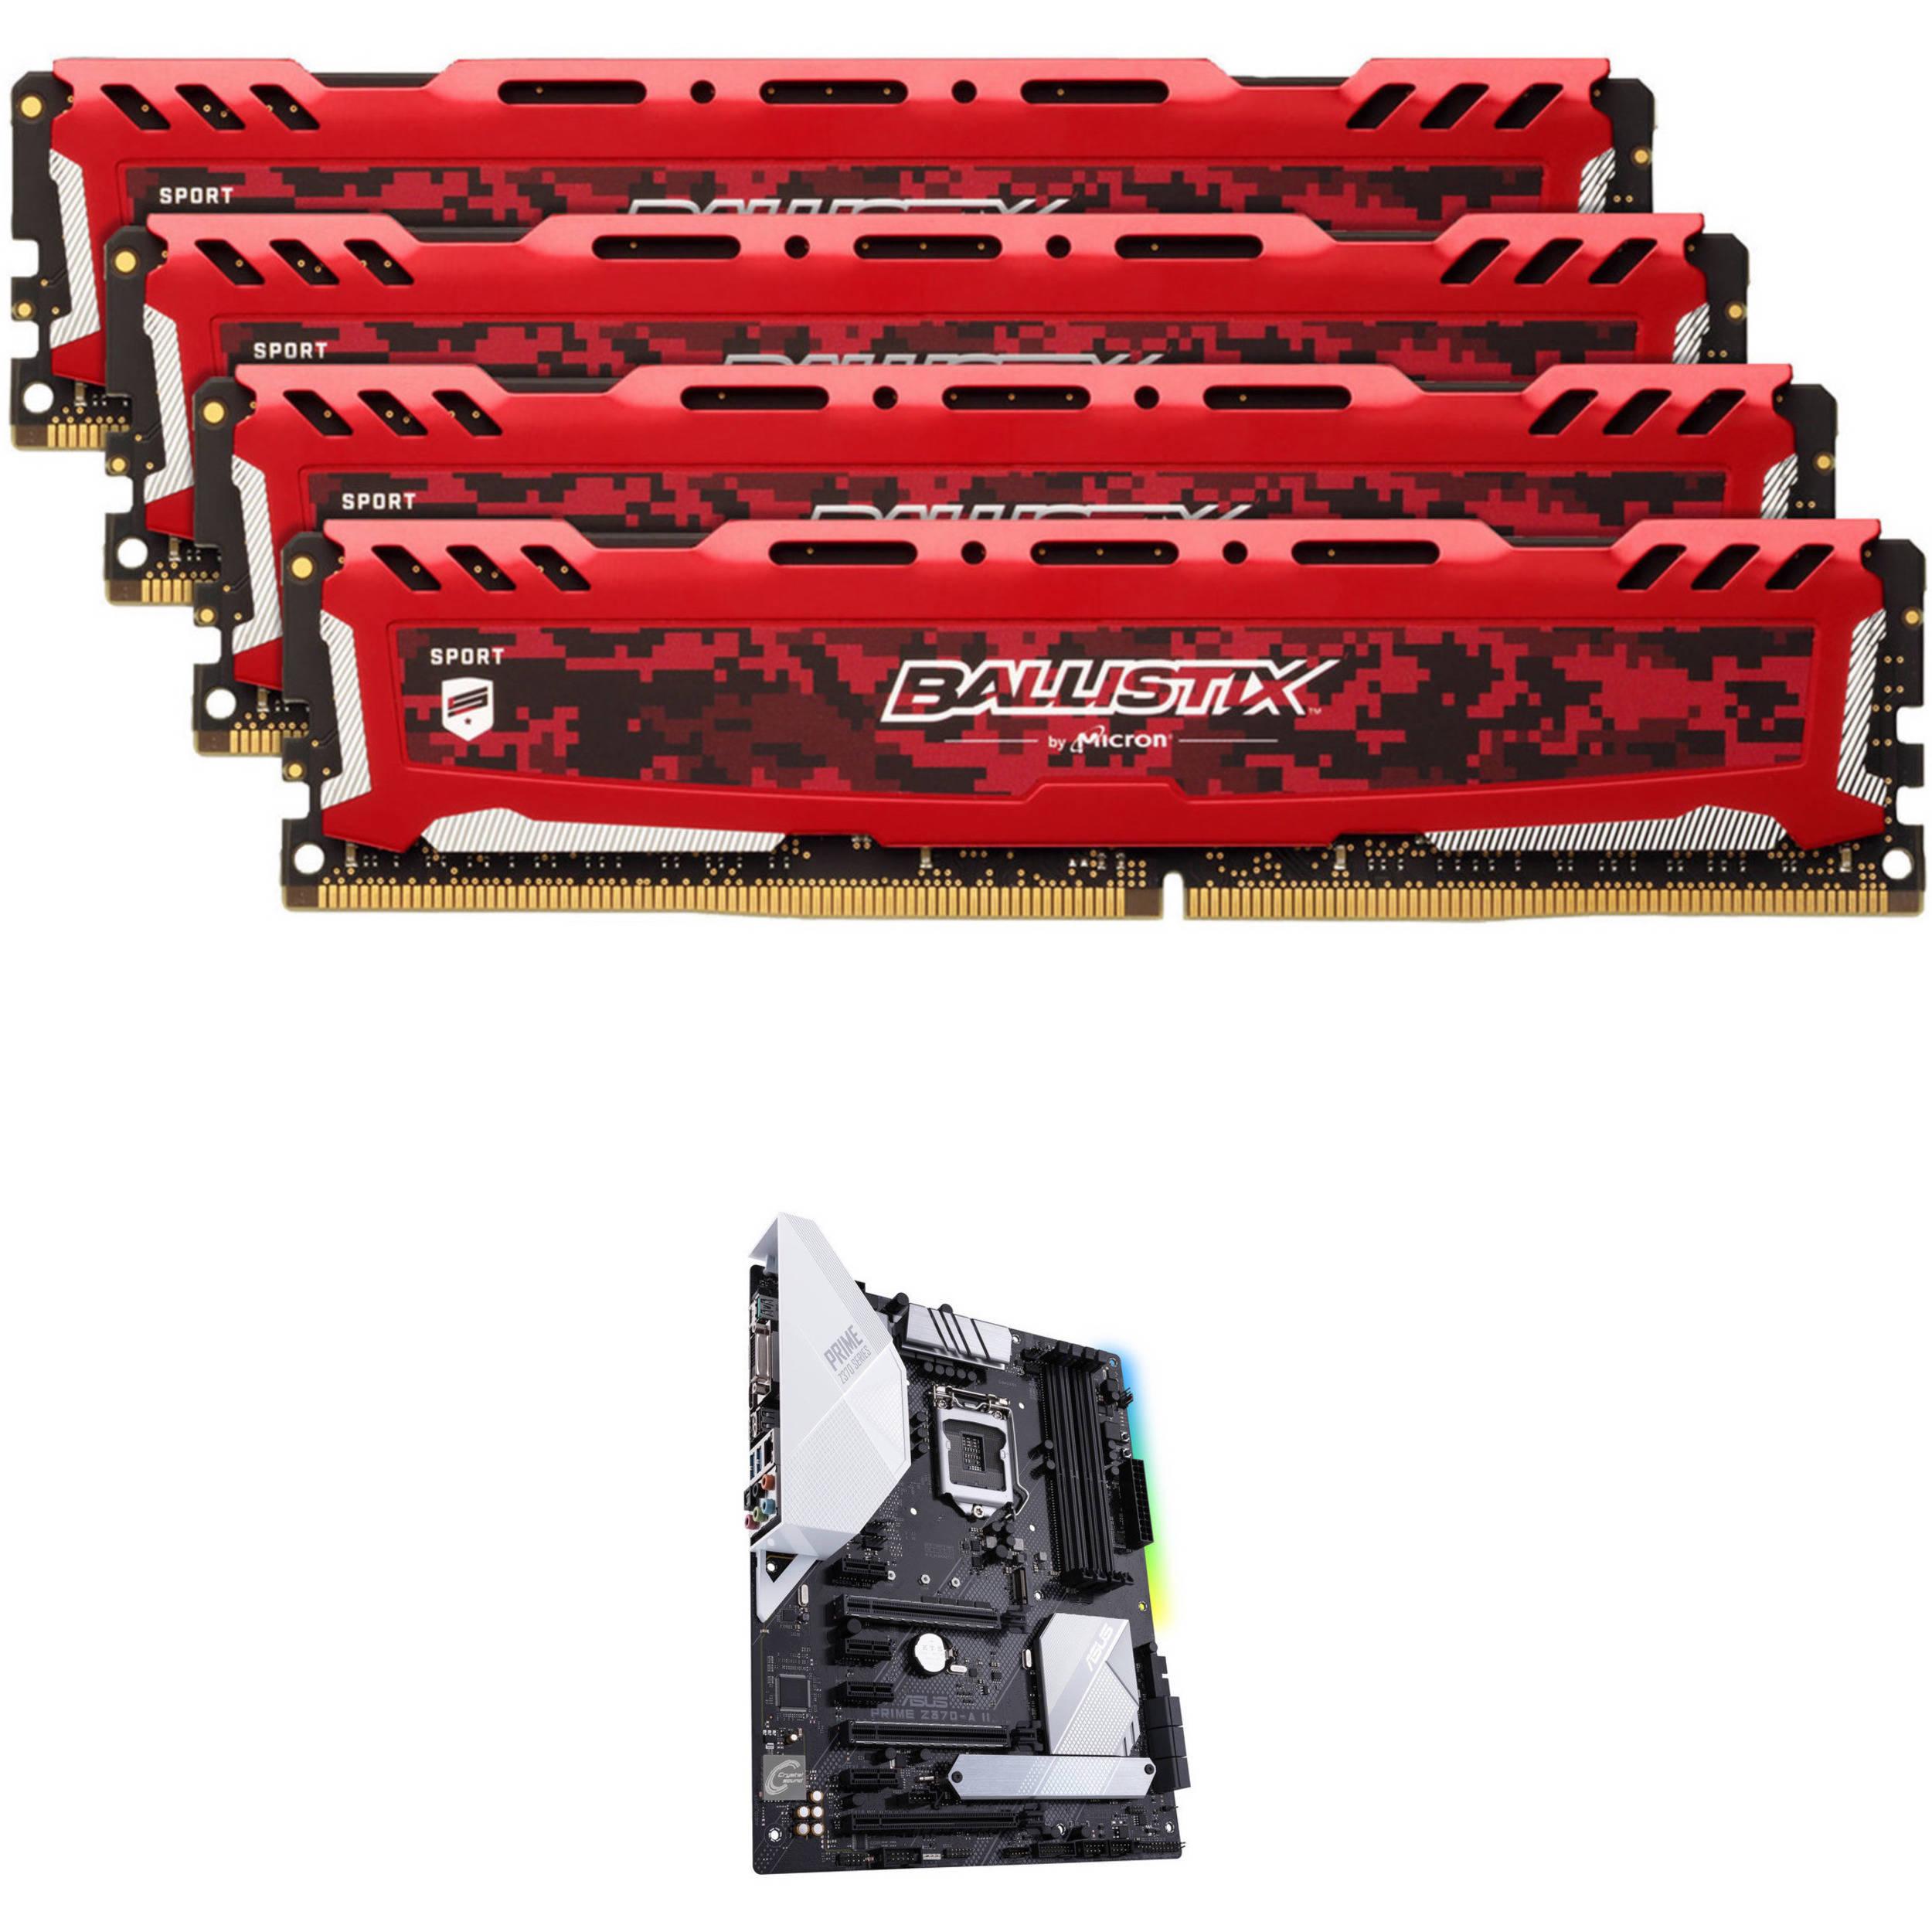 Ballistix 32GB Sport LT DDR4 Memory & ASUS Prime Z370-A II LGA 1151 ATX  Motherboard Kit